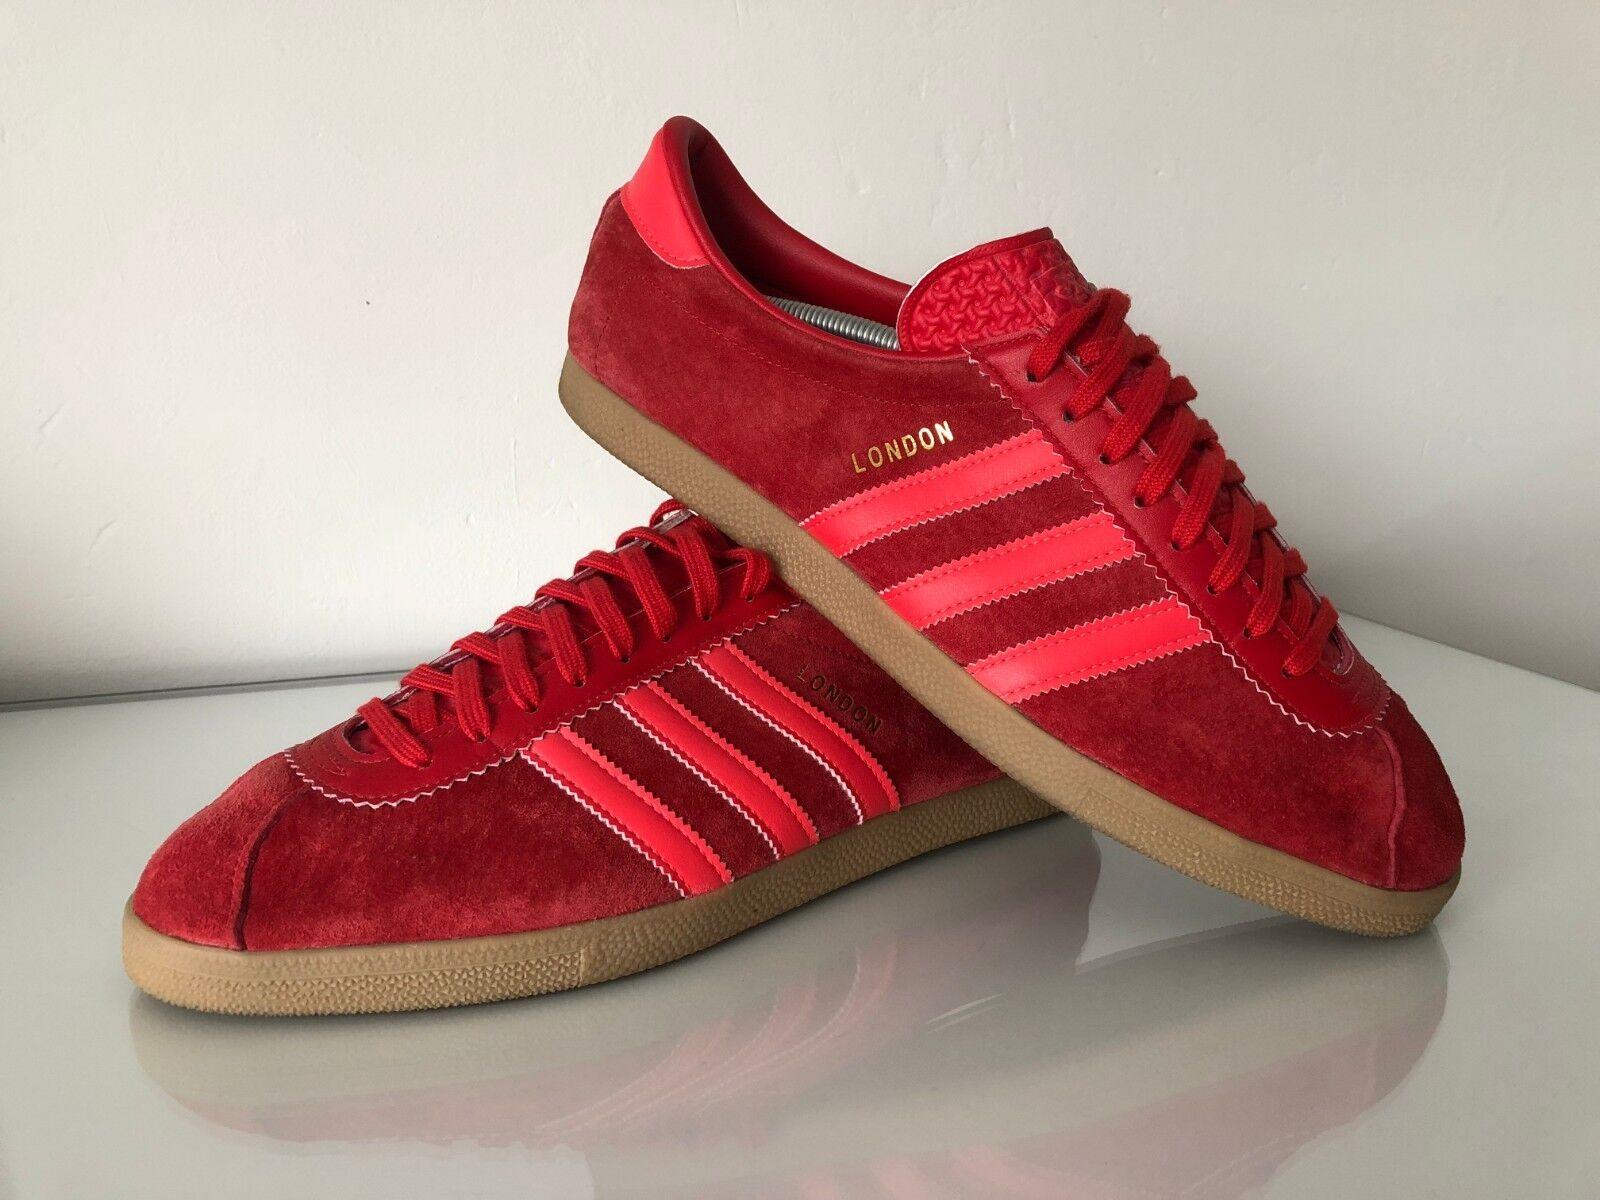 Adidas Originals RARE Rosso 11 London